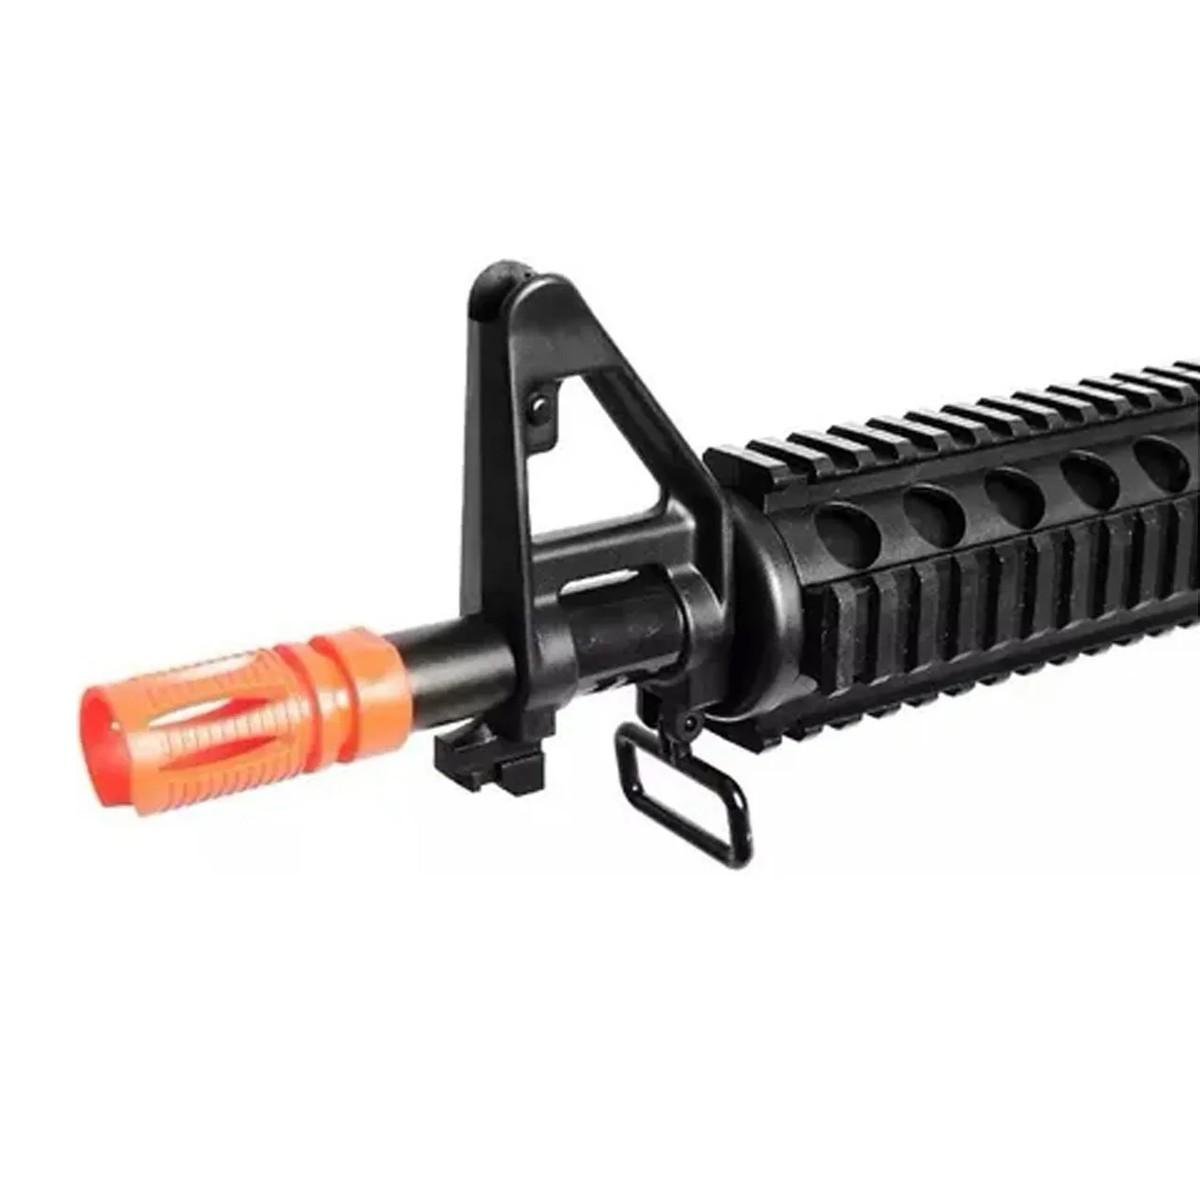 Airsoft Kit Pistola E Rifle M4a1 E Glock V307 Mola 6mm Kit 1